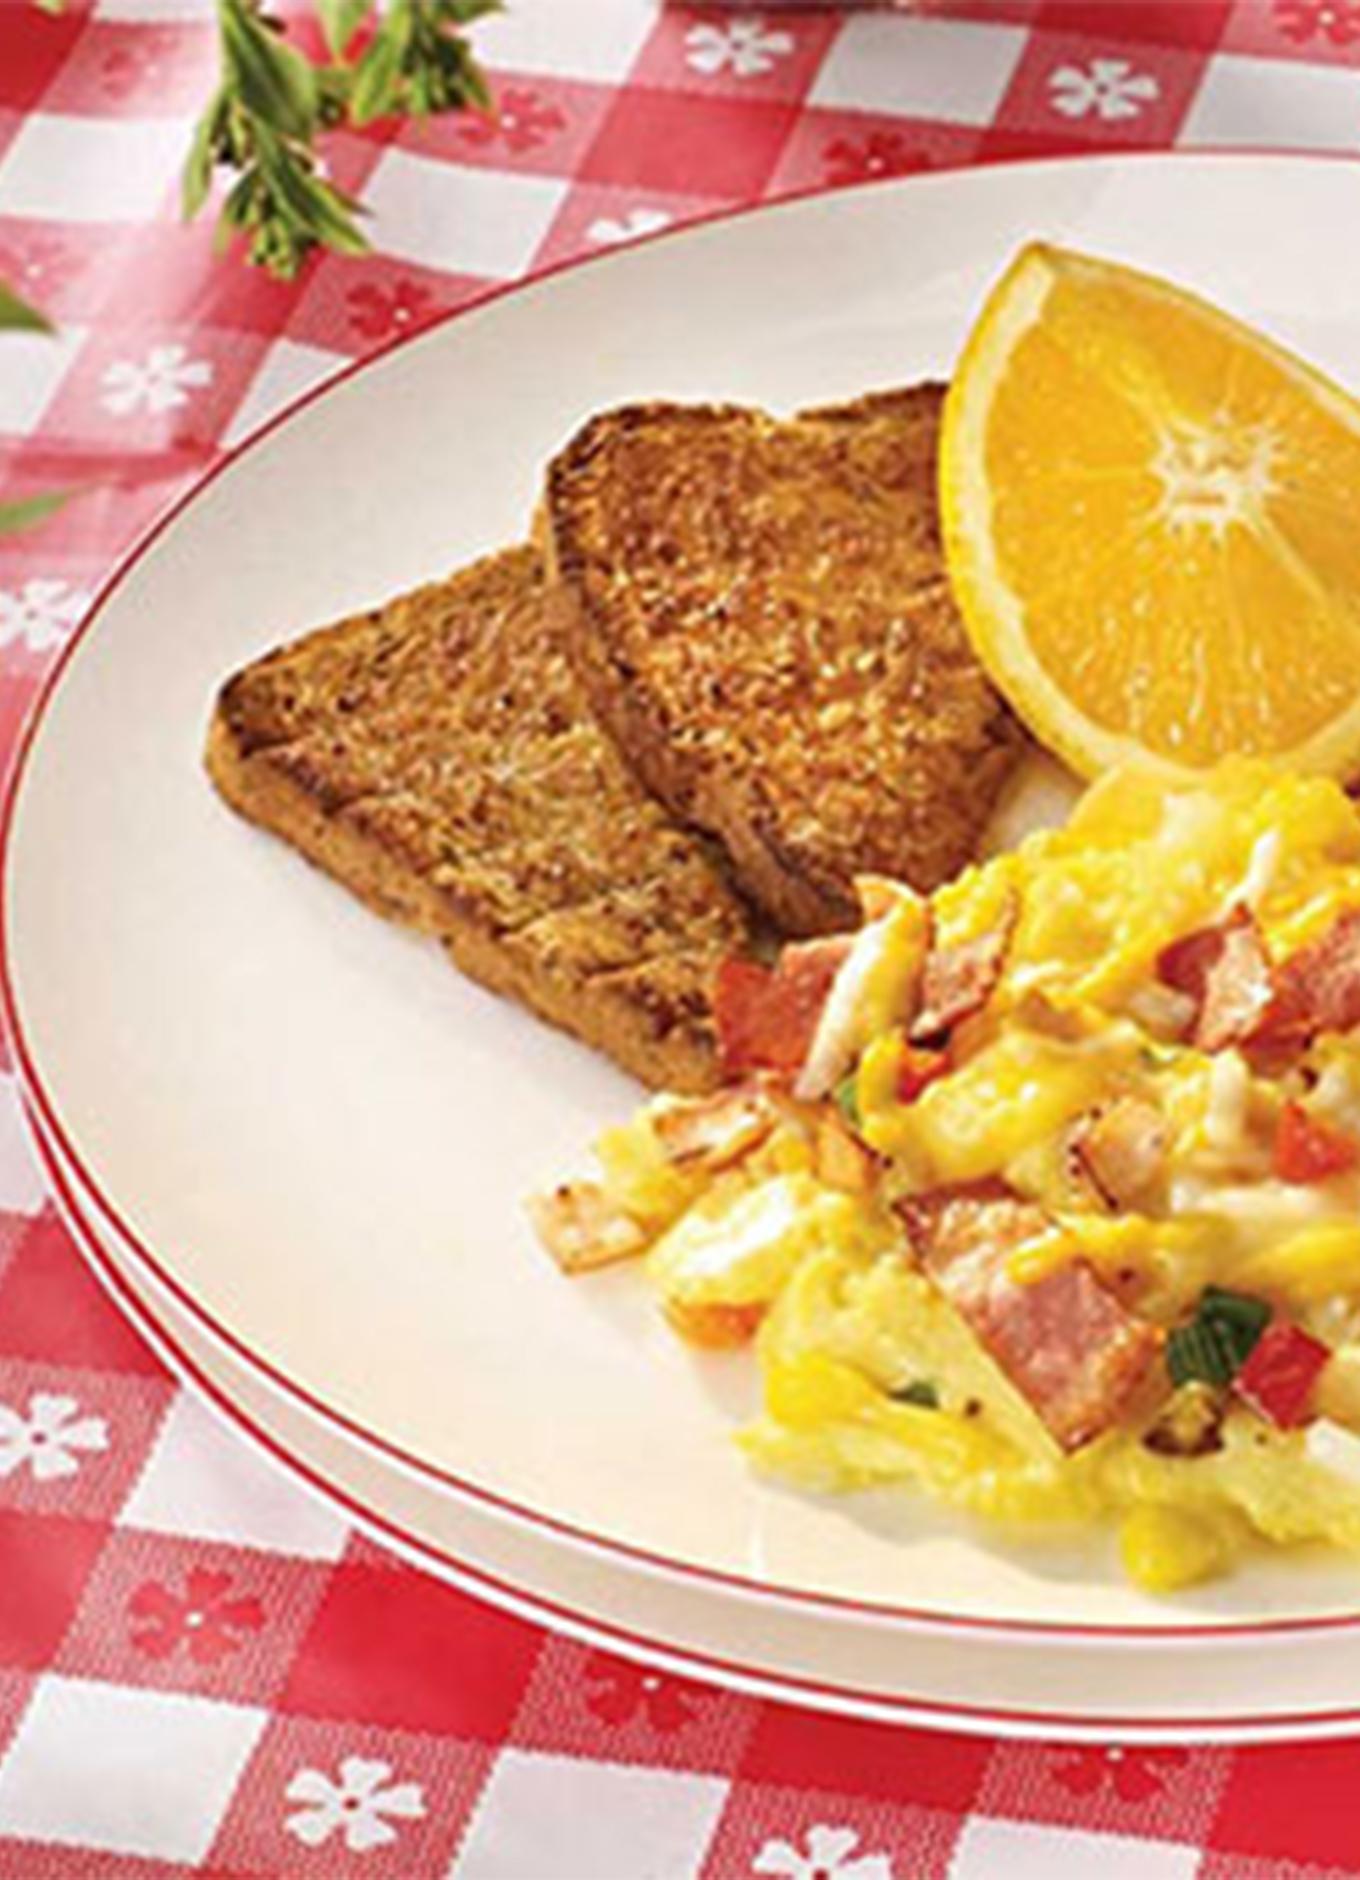 Un déjeuner de rôties, de fruits frais et d'œufs brouillés garnis de poivrons et de lanières de poulet pour déjeuner